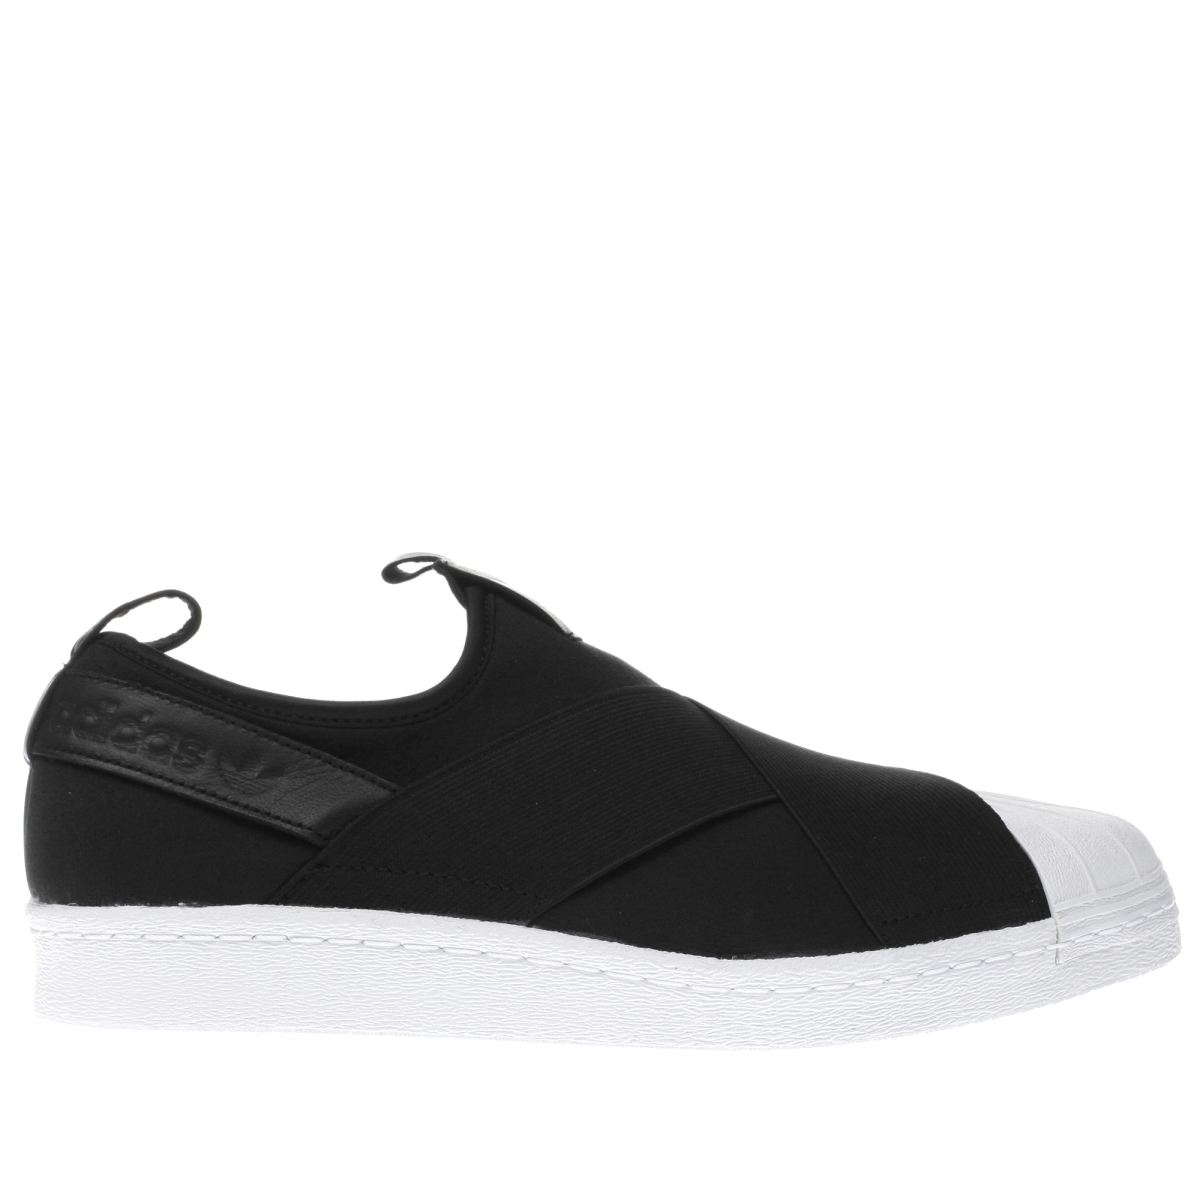 adidas black superstar slip-on trainers